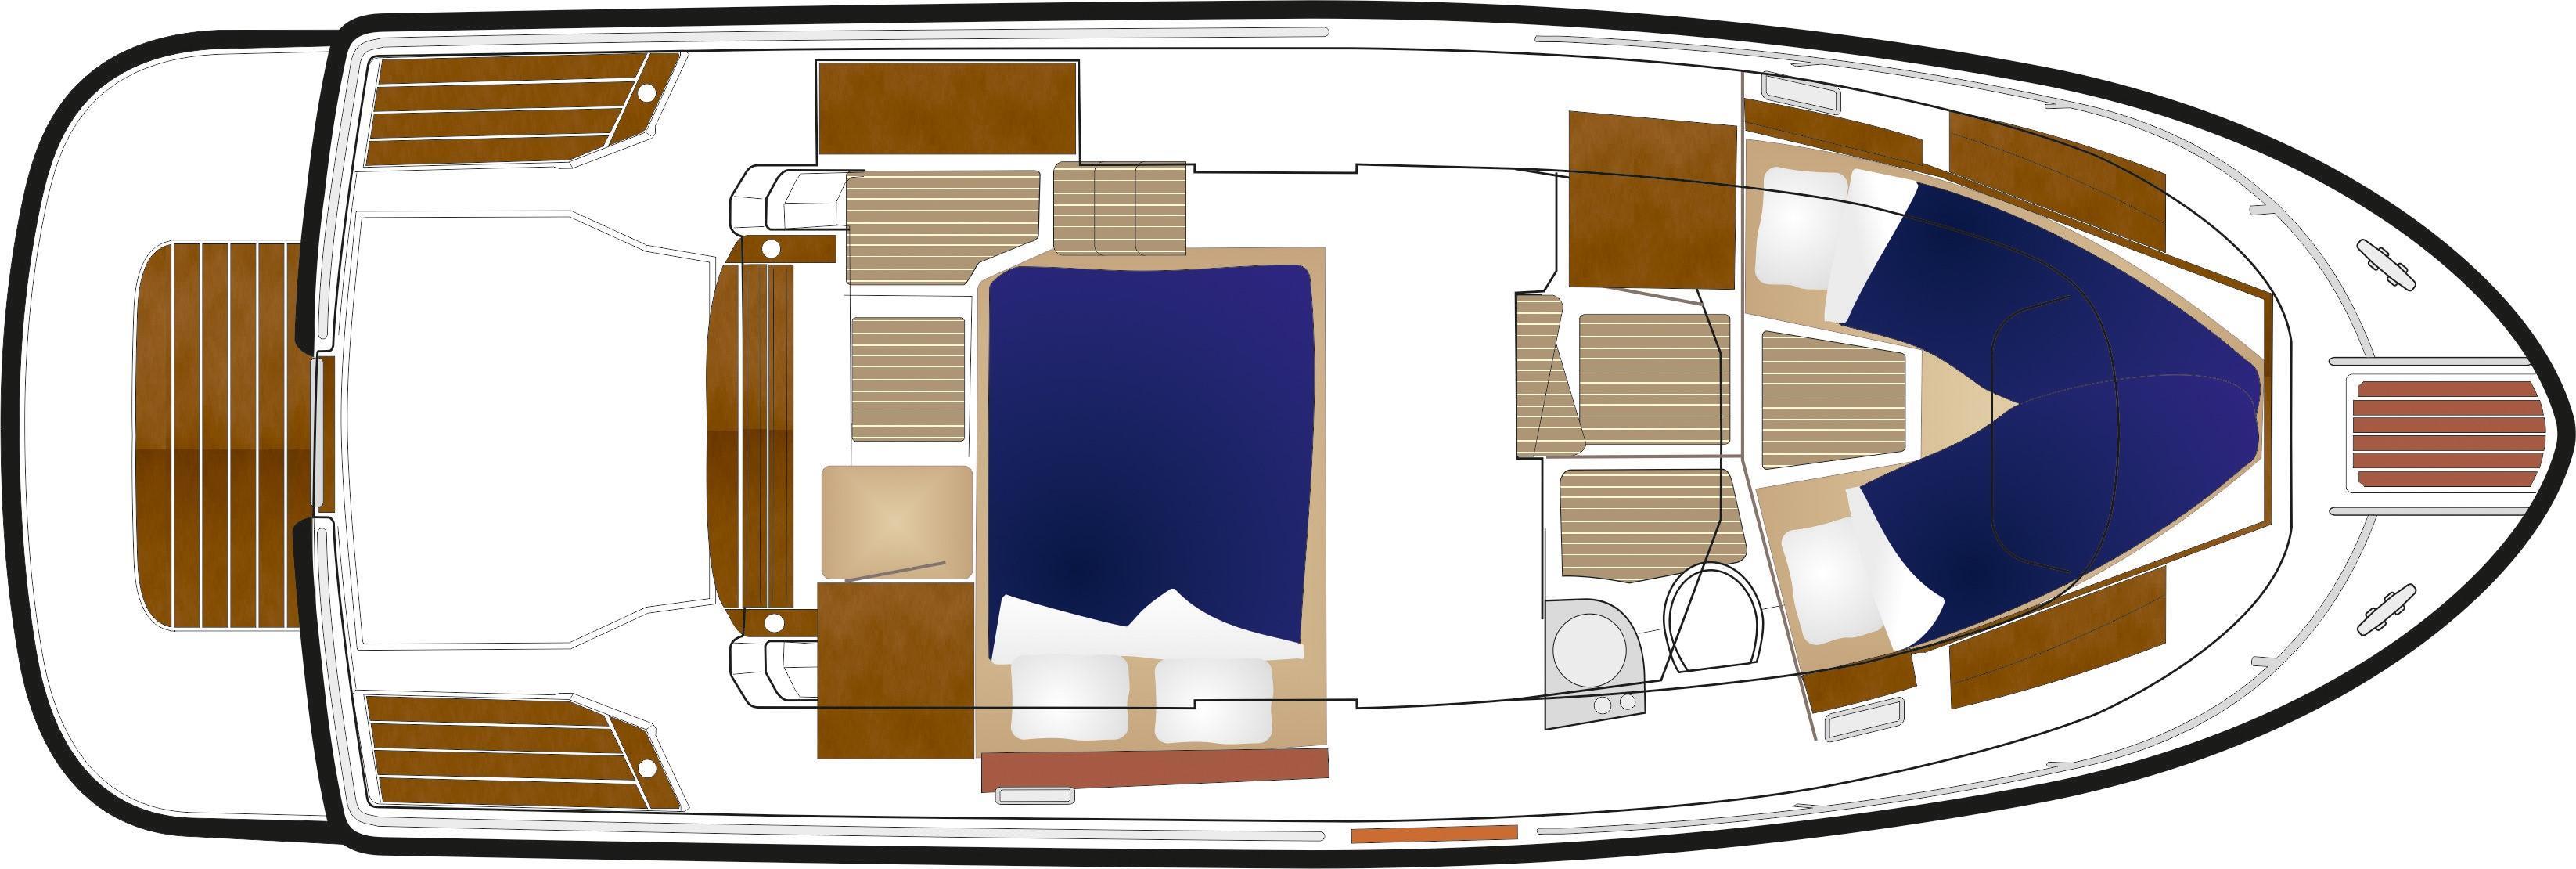 Sargo 31 deck plan - lower deck